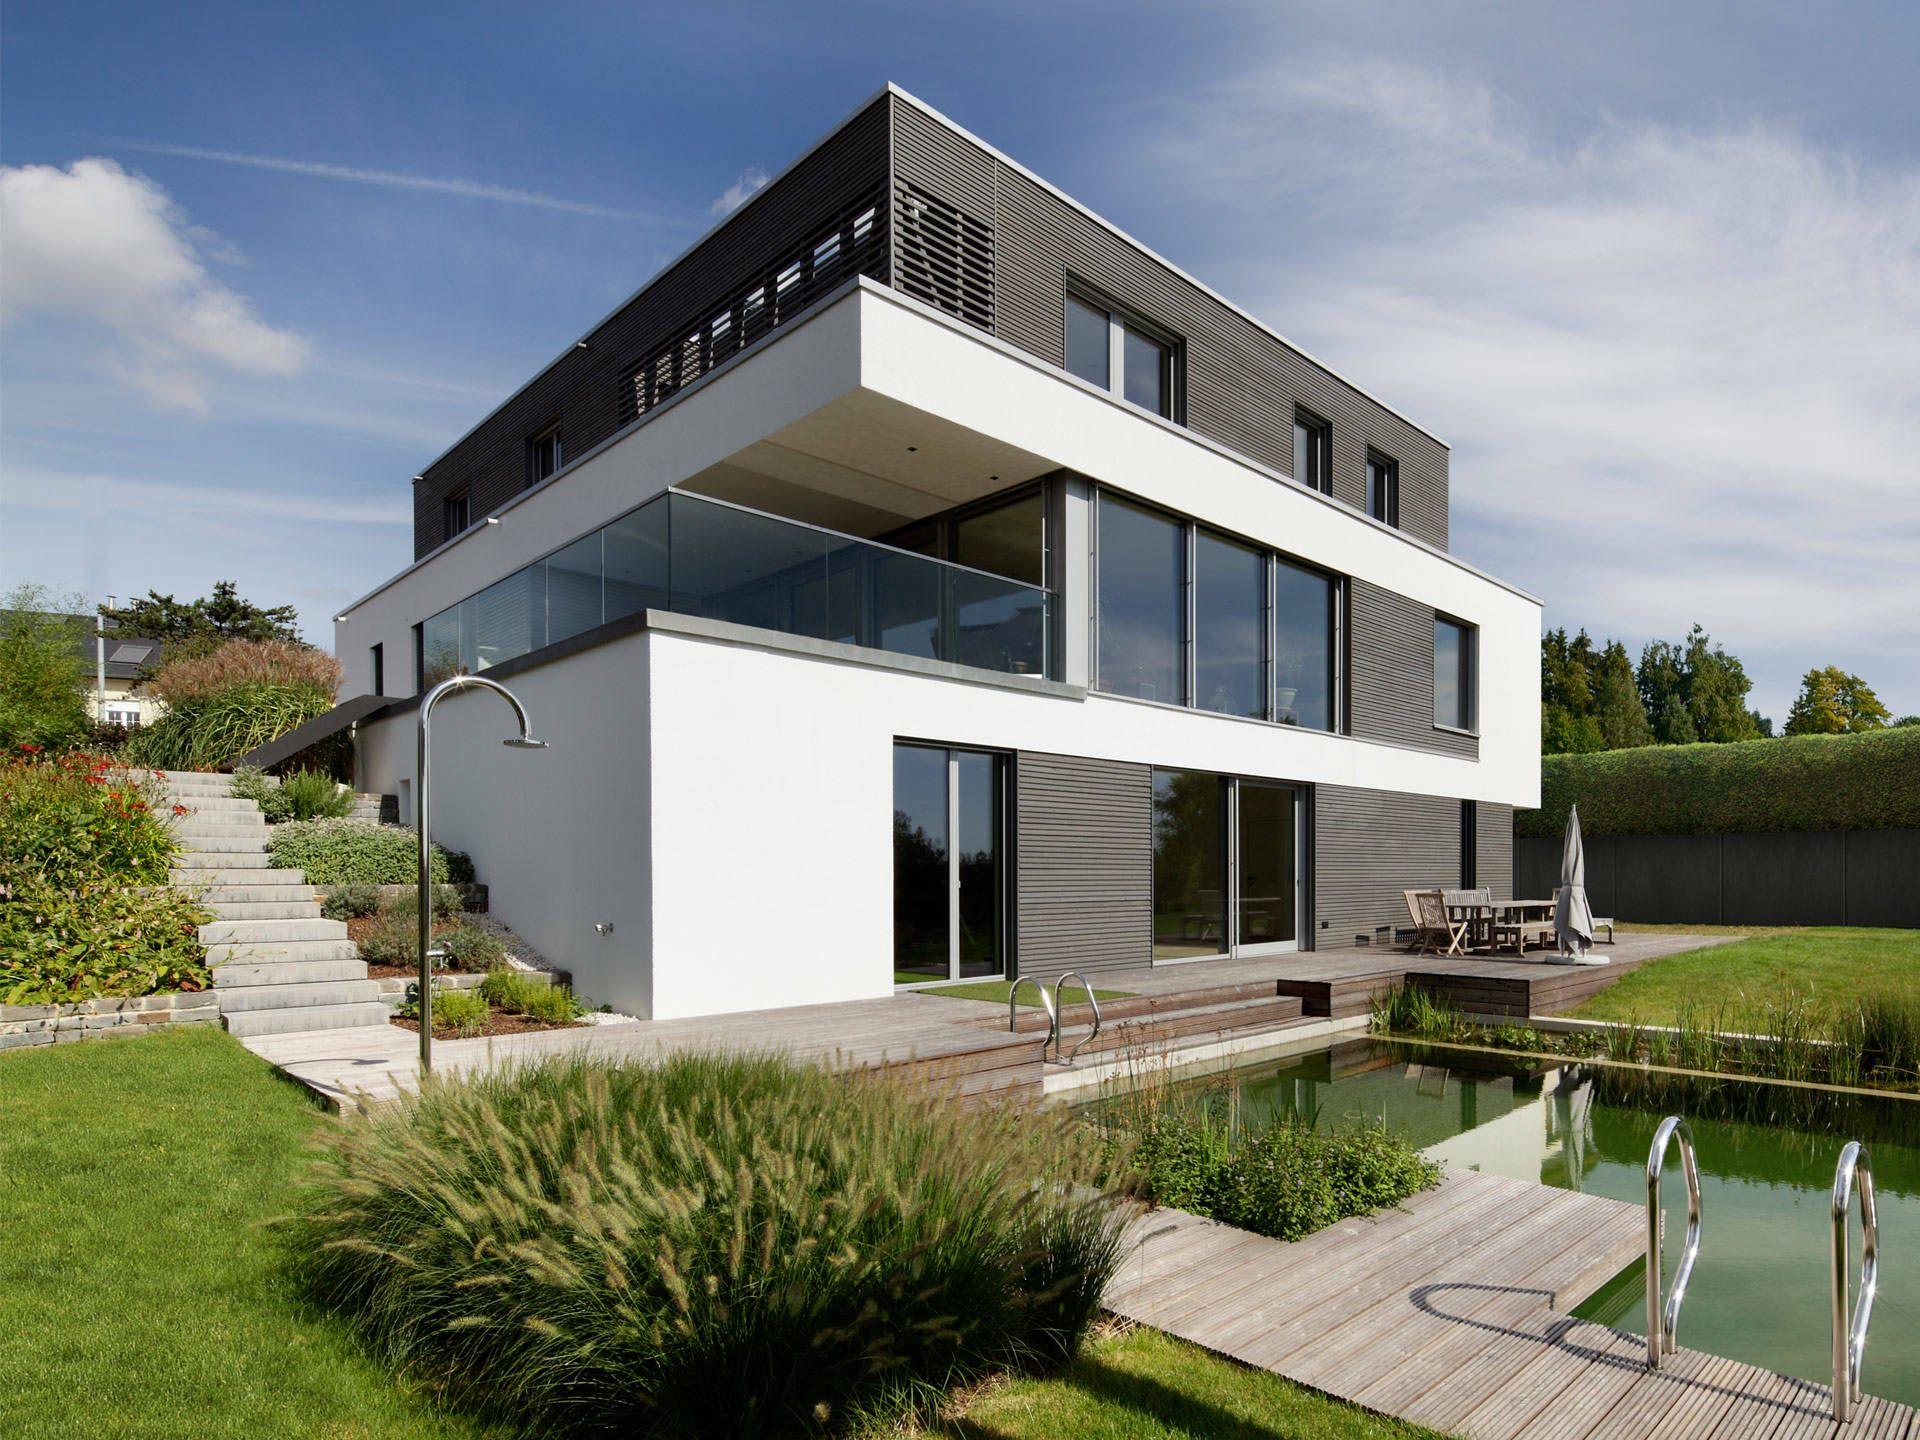 Passivhaus kieffer passivhaus haus minimalistisches Minimalistisches haus grundriss